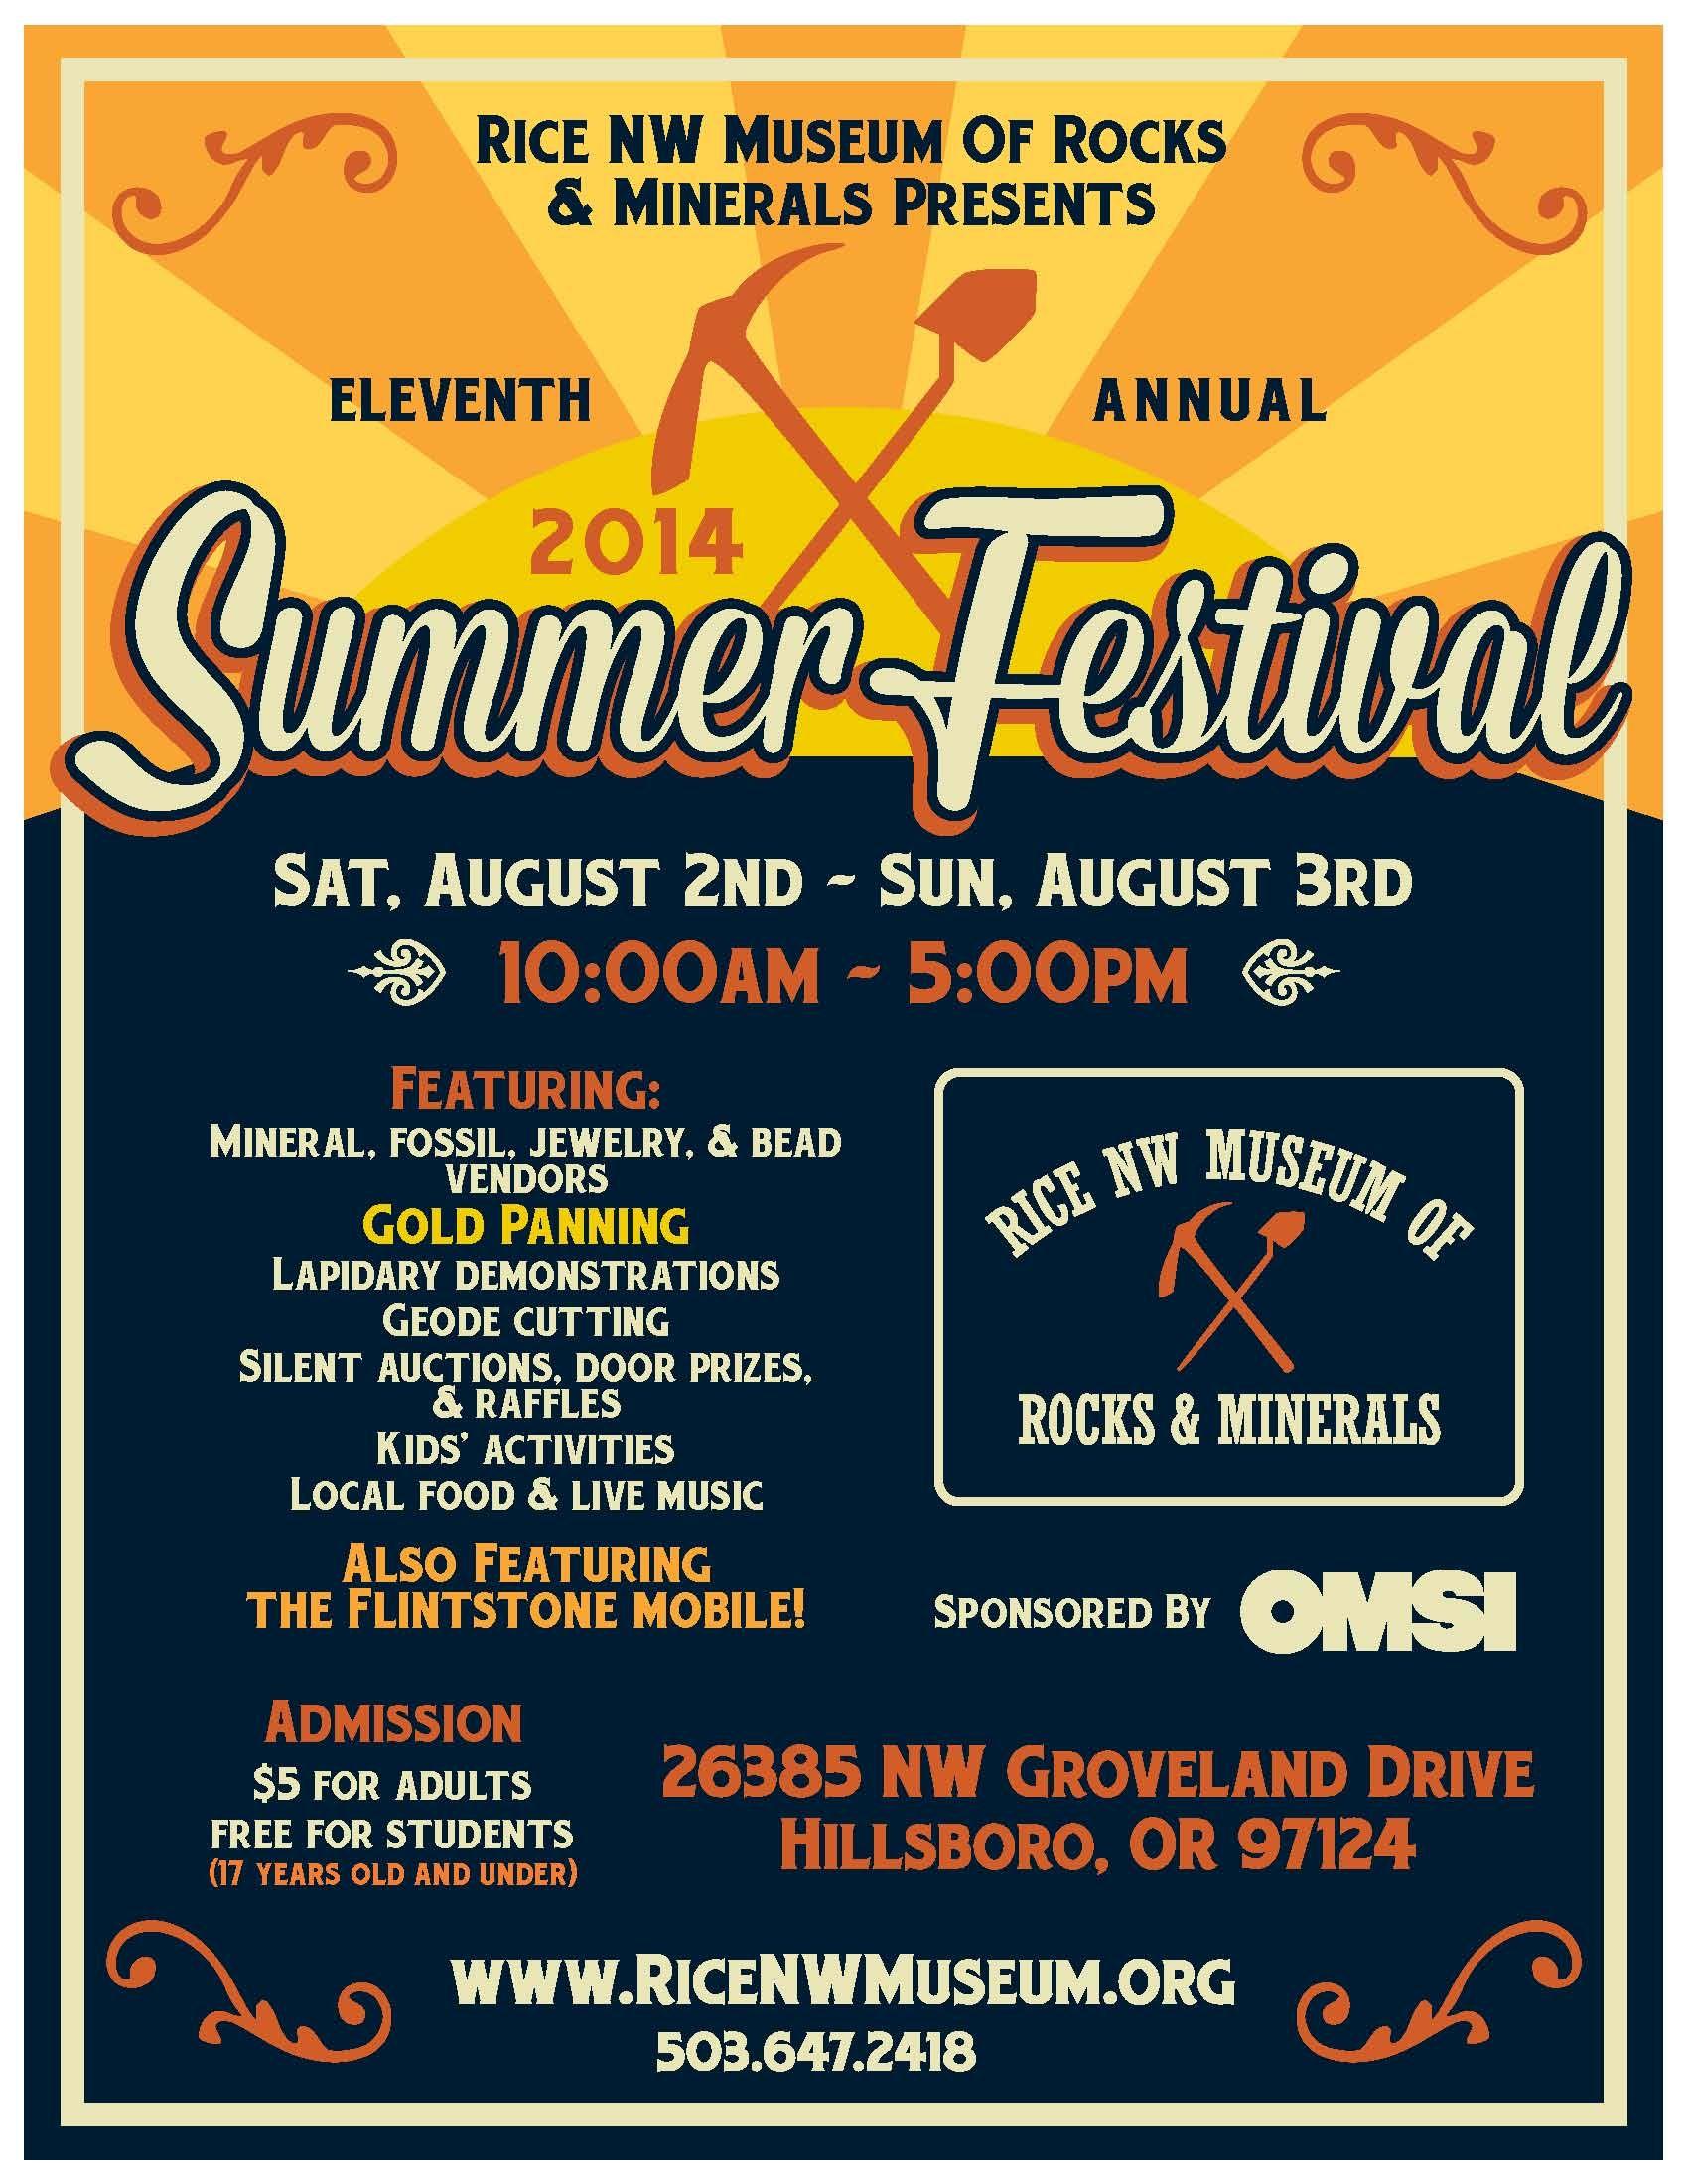 2014 Summer Festival August 2-3